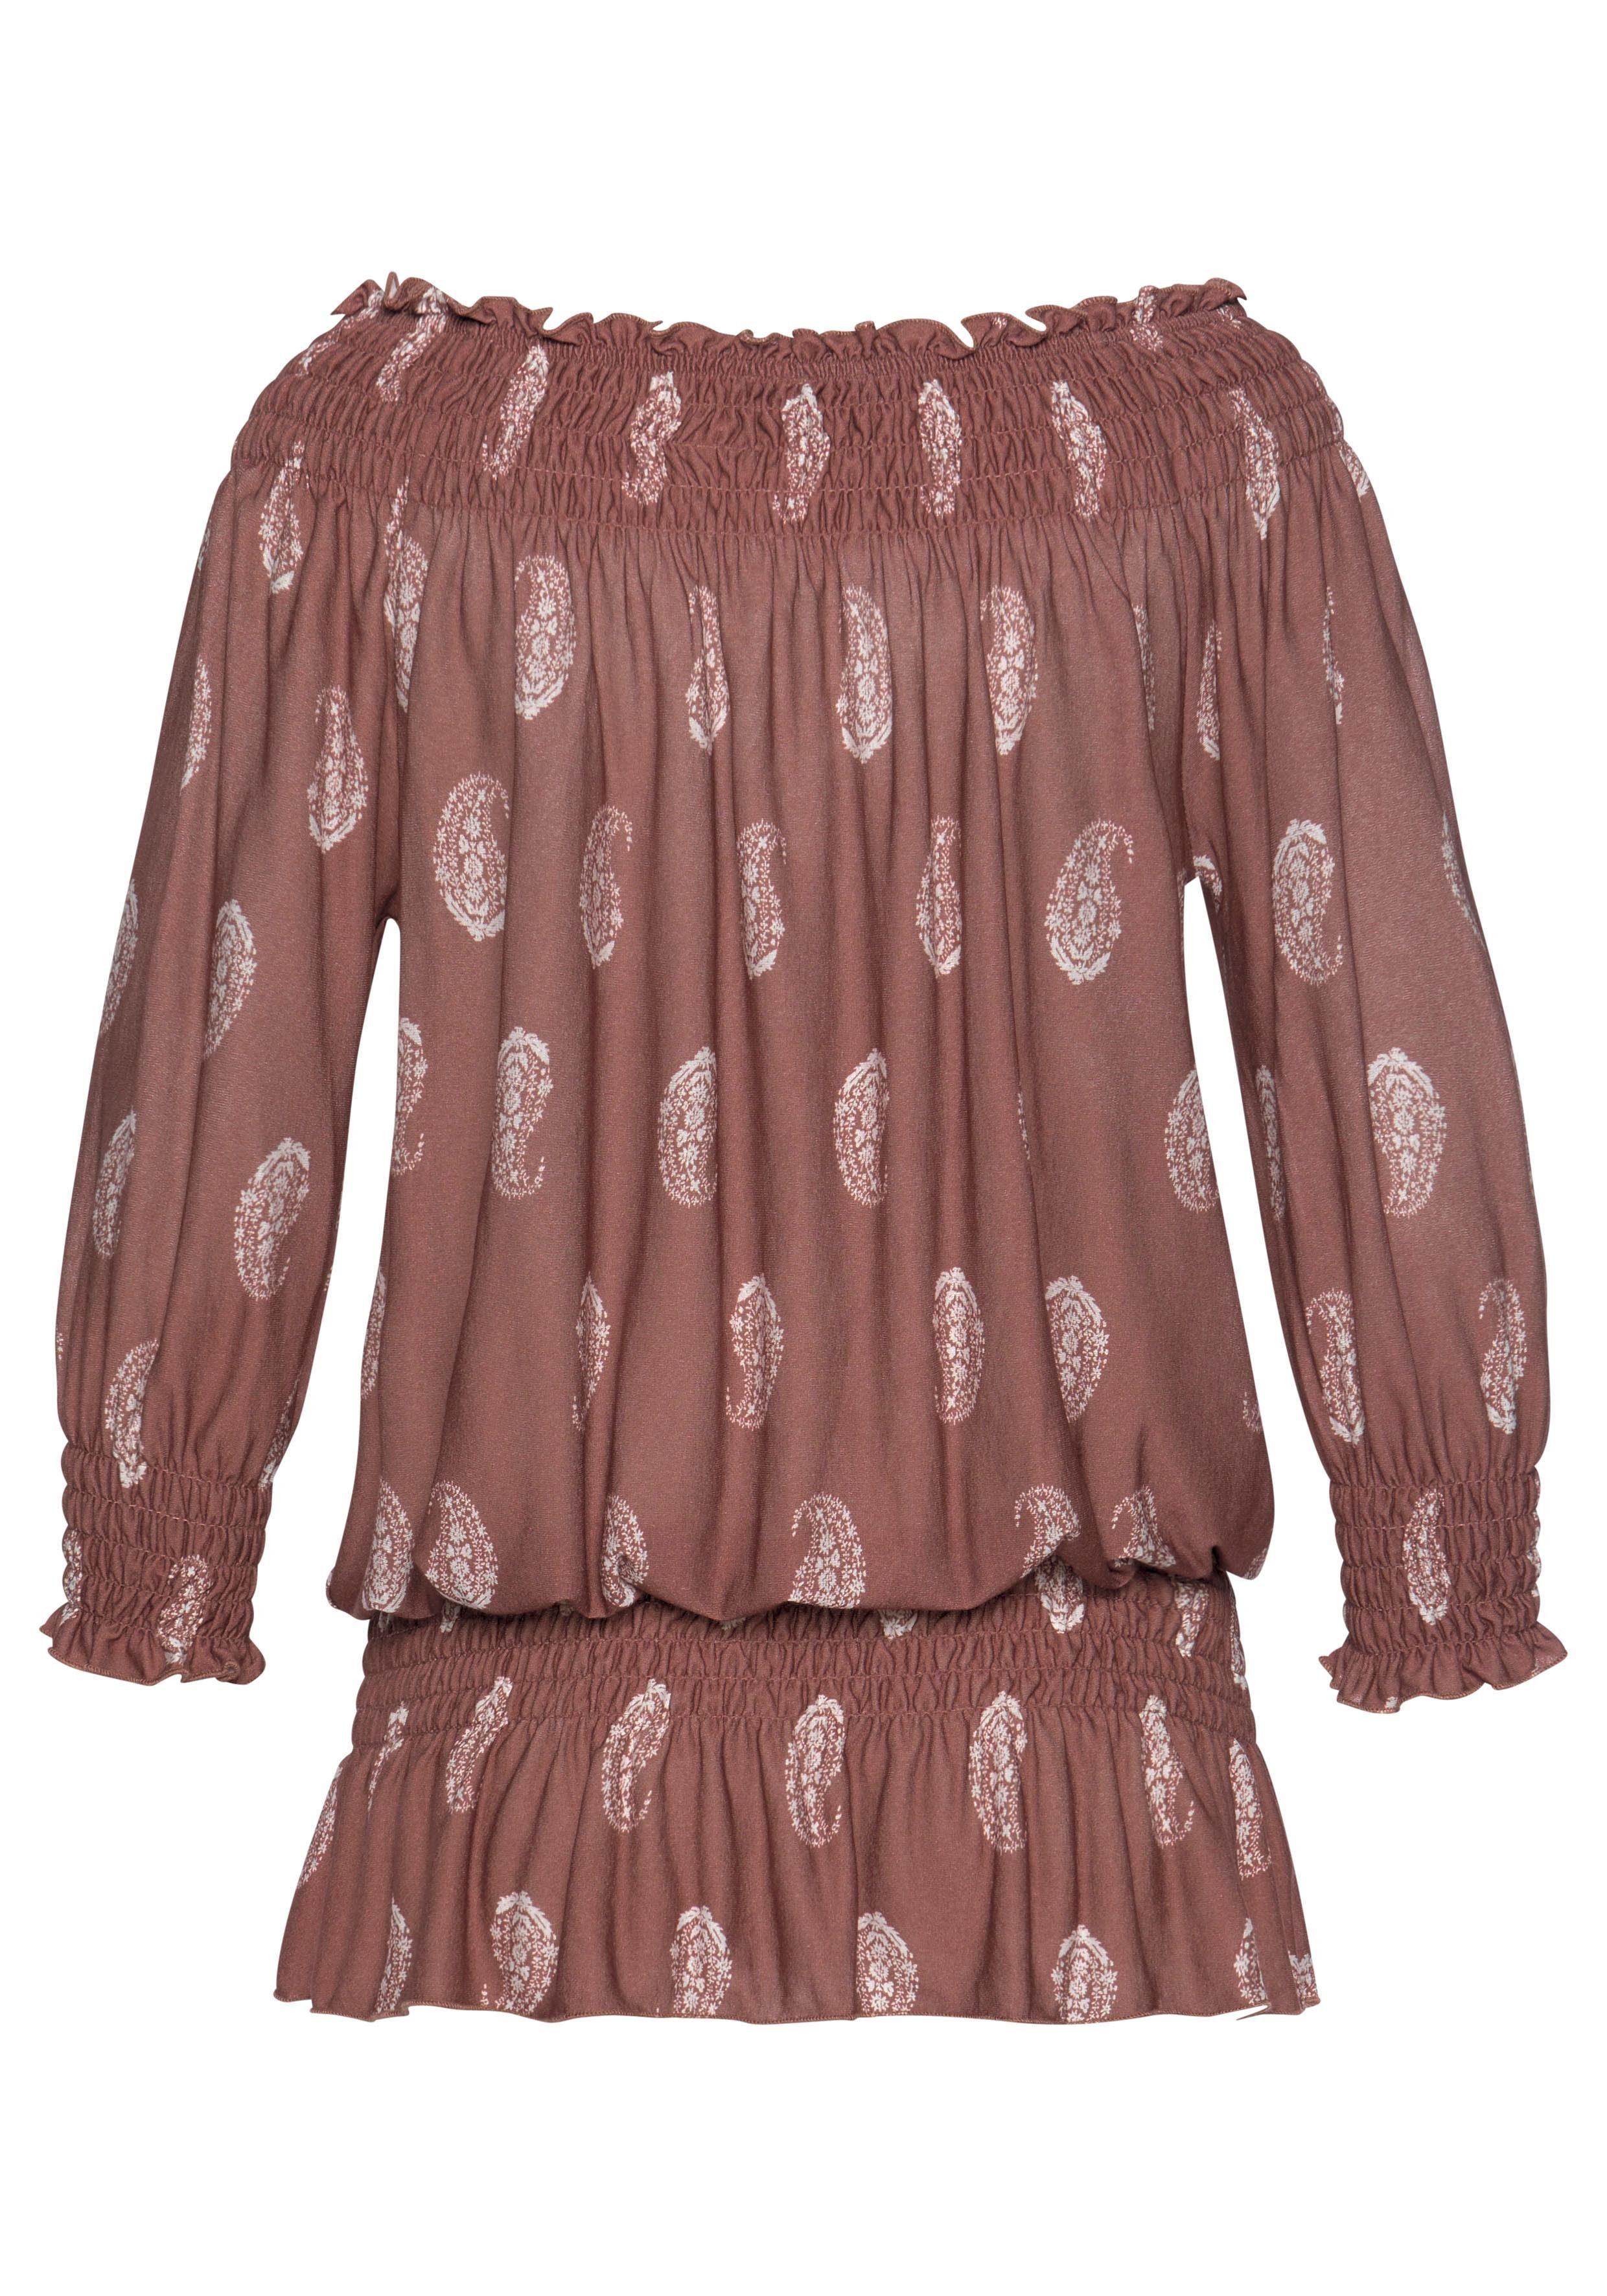 Lascana Lascana Kaufen Kaufen Strandshirt Lascana Kaufen Online Strandshirt Strandshirt Online Lascana Online MVLUpzjqSG